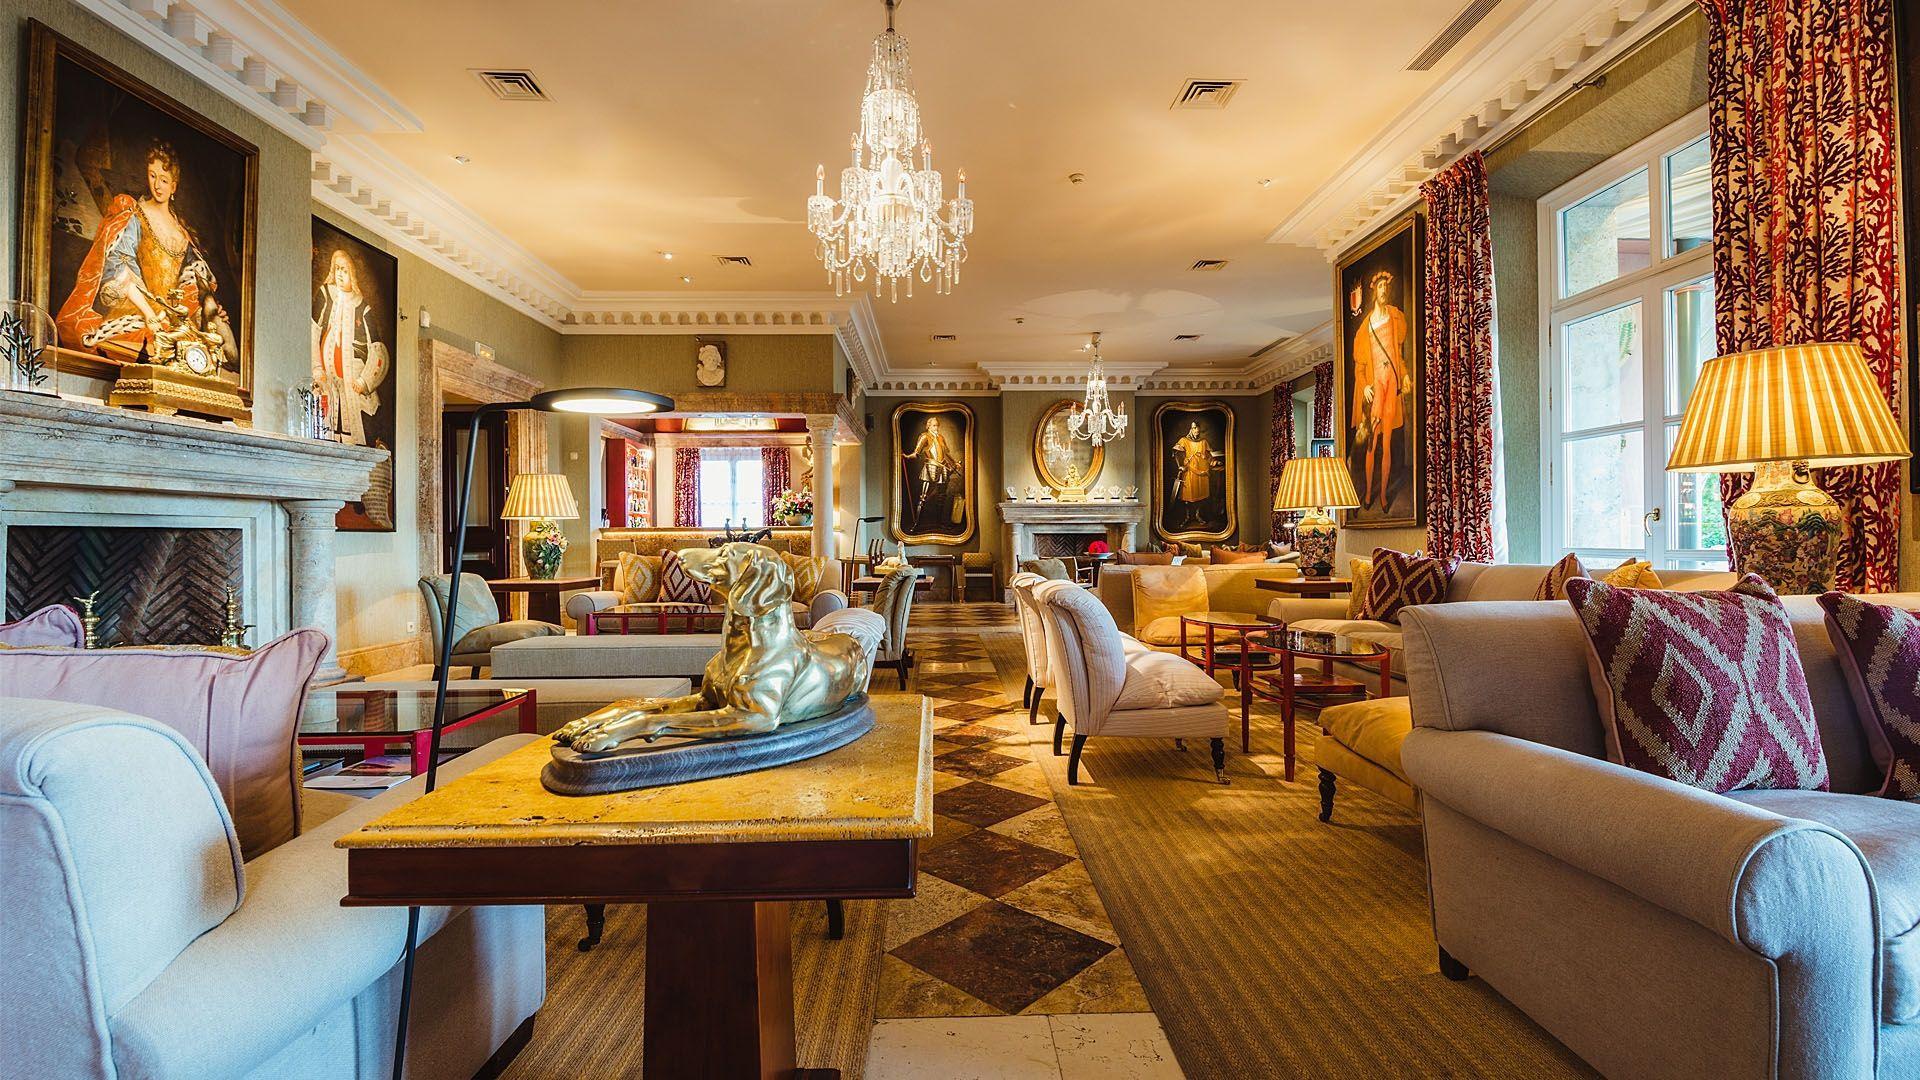 luxury-hotel-villa-padierna-palace-malaga-lobby-1920